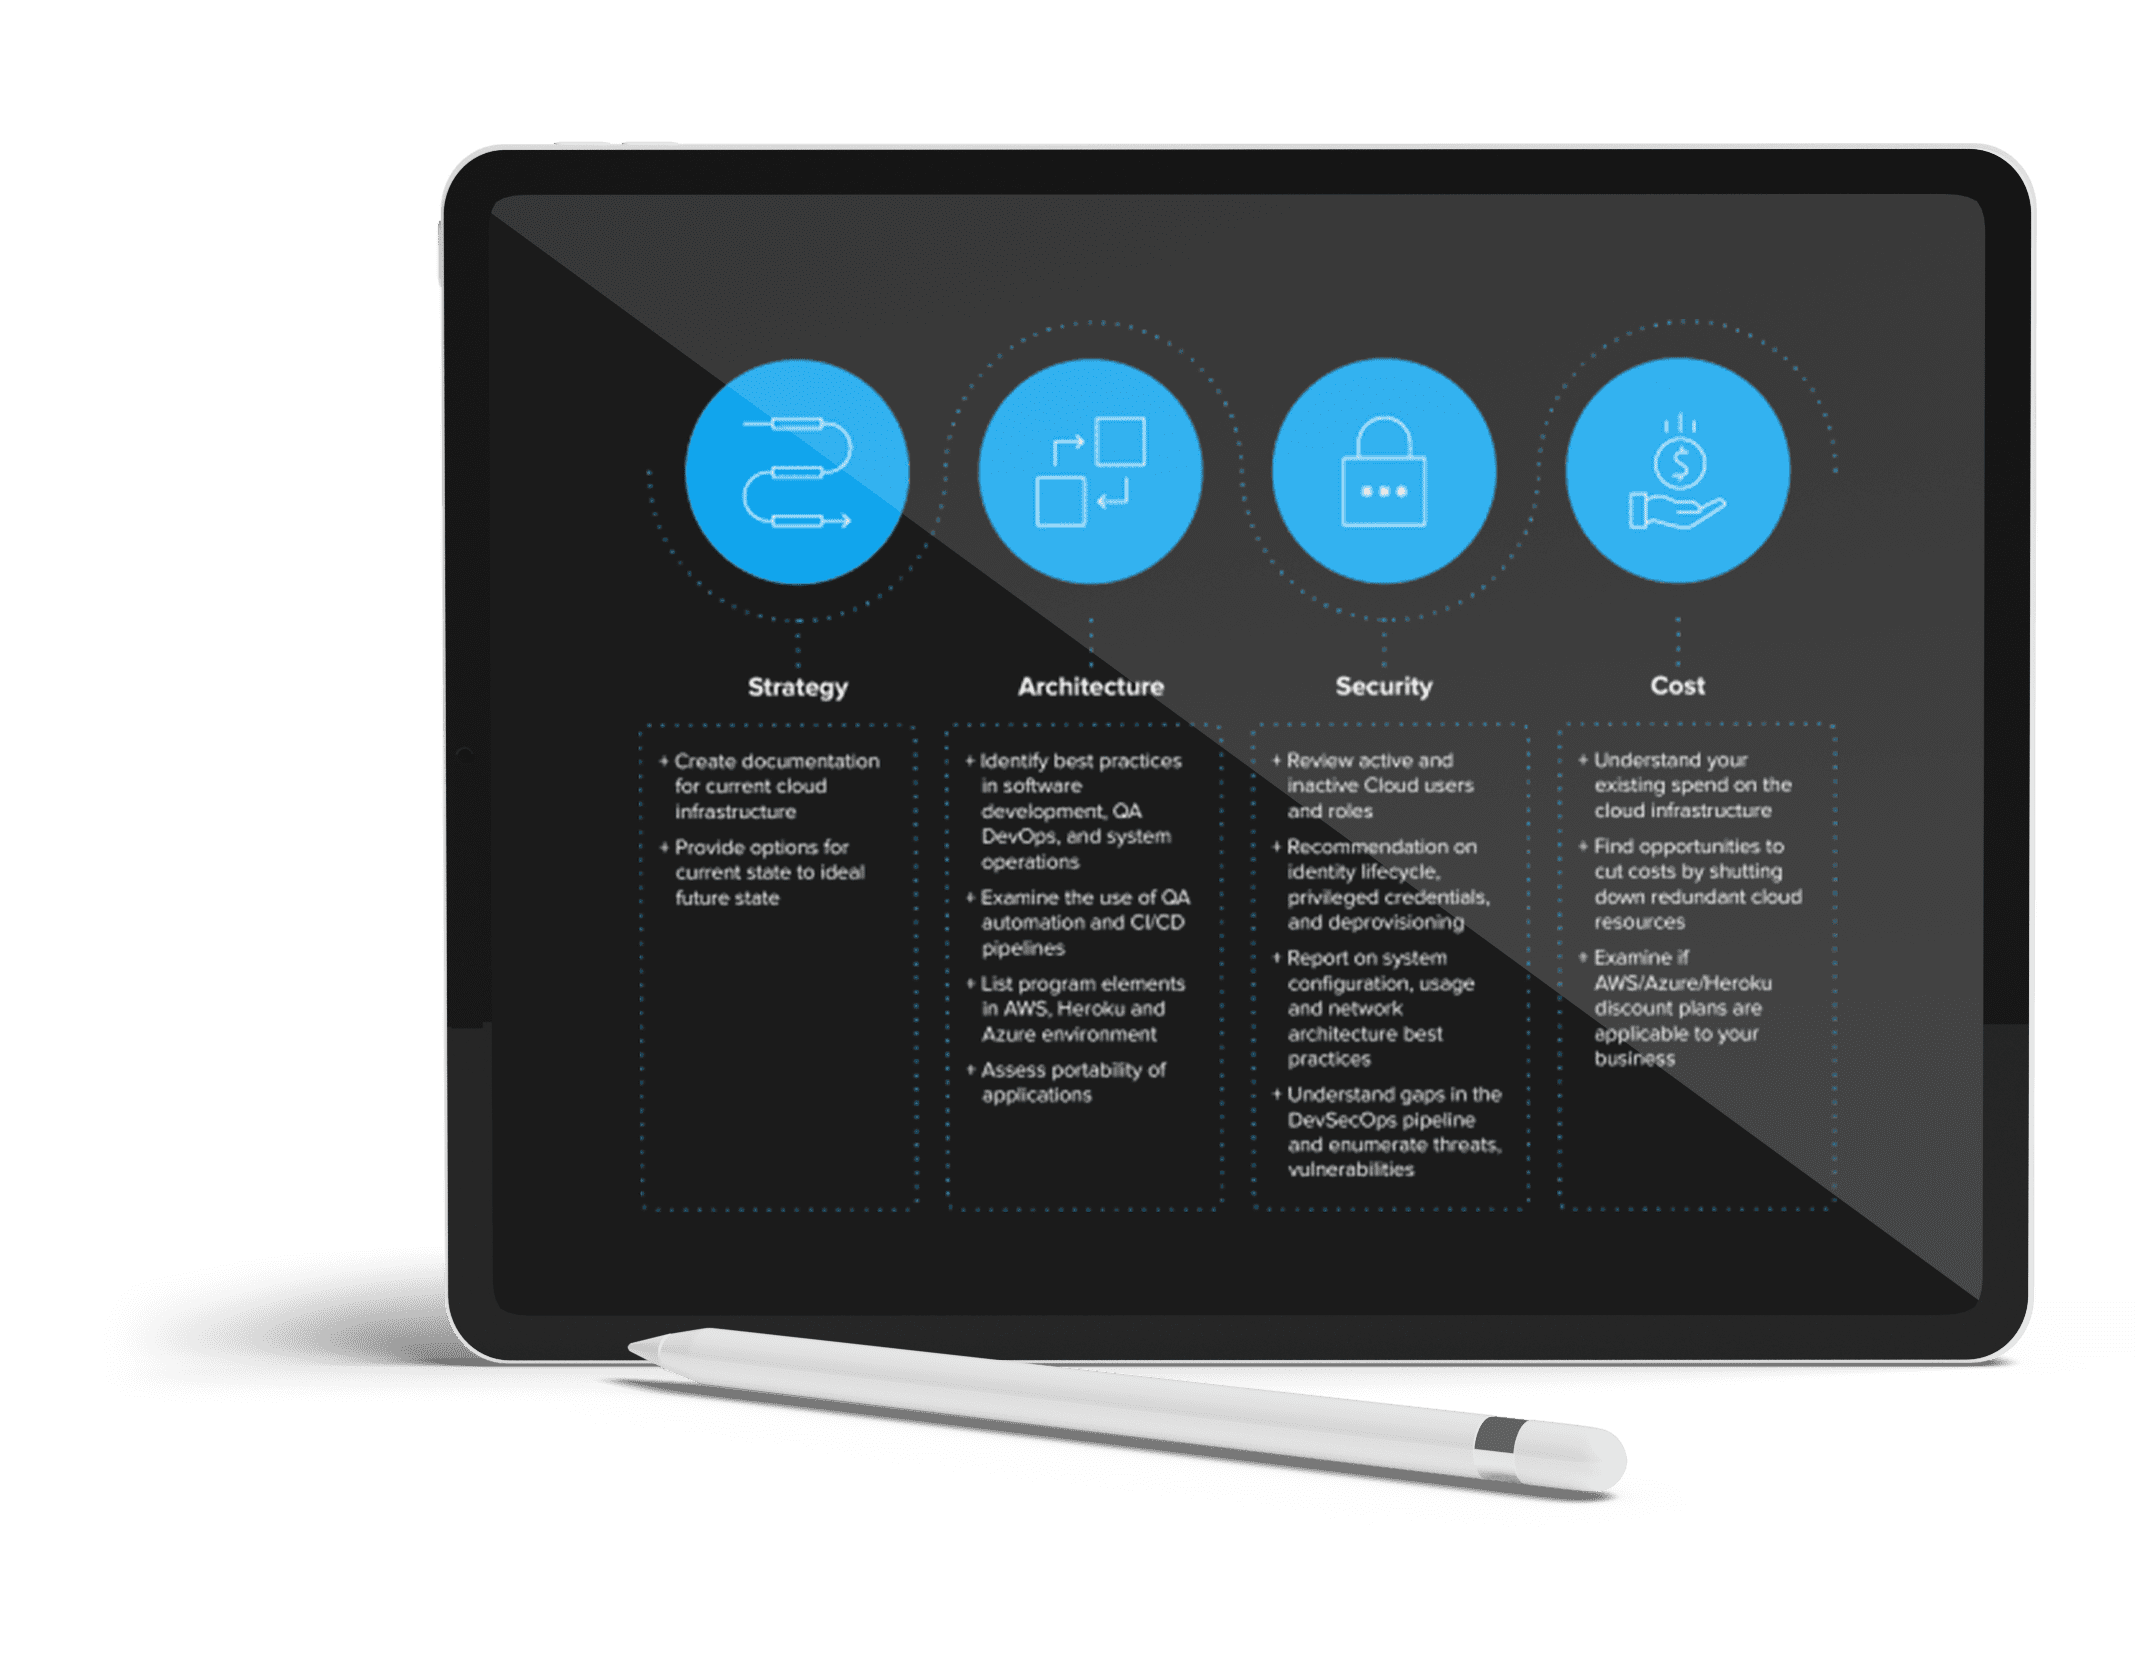 iPad-Cloud-assessment-approach-472x350